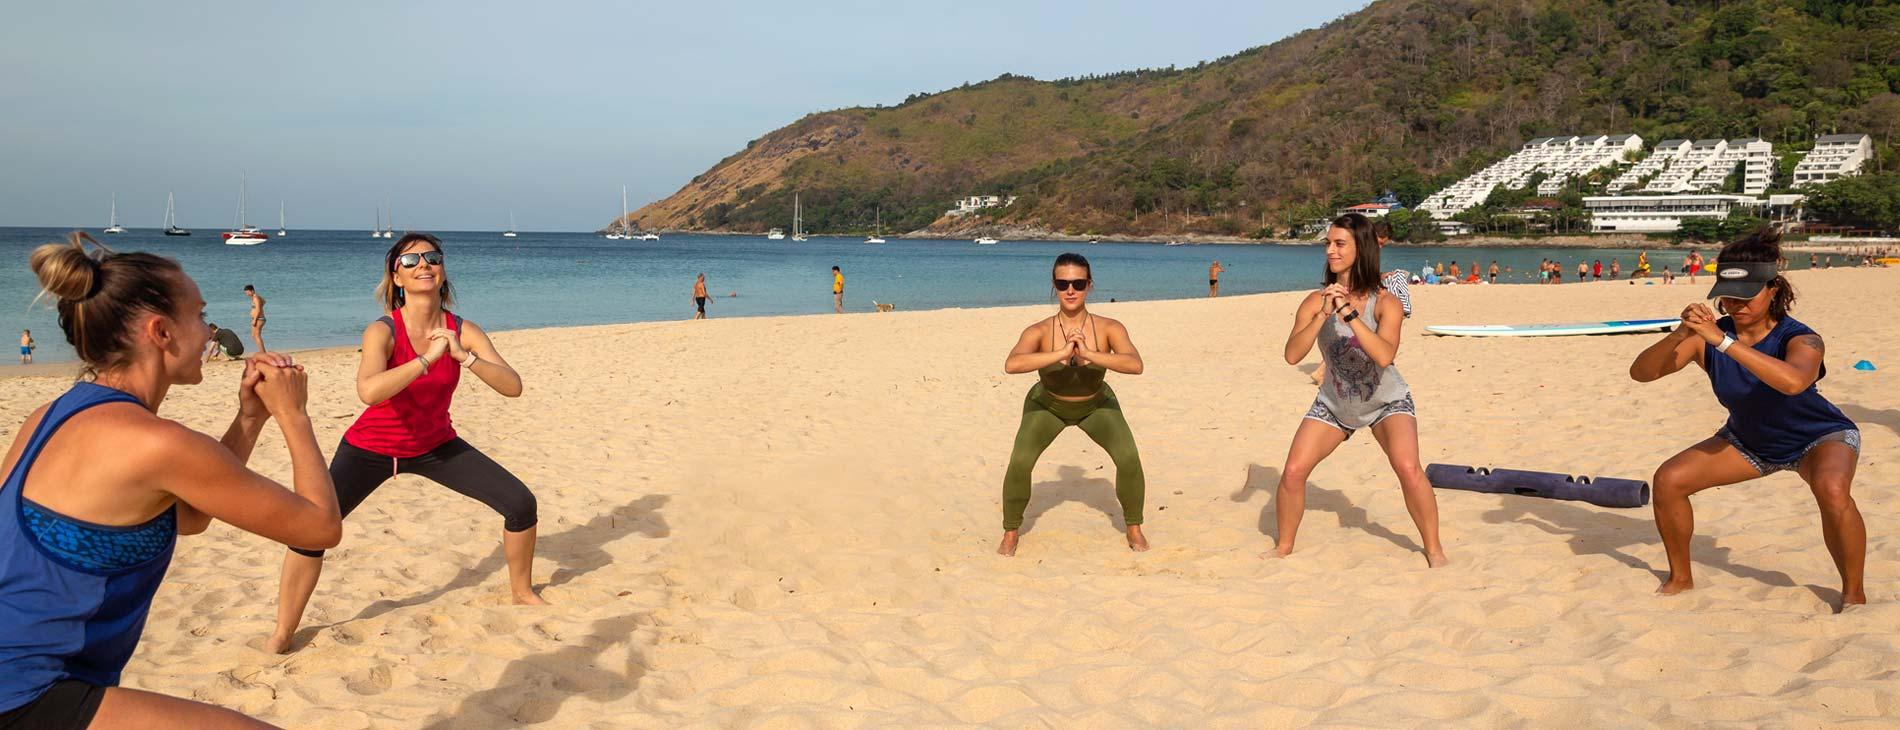 Weight Loss Program at Phuket Islandfor Holiday